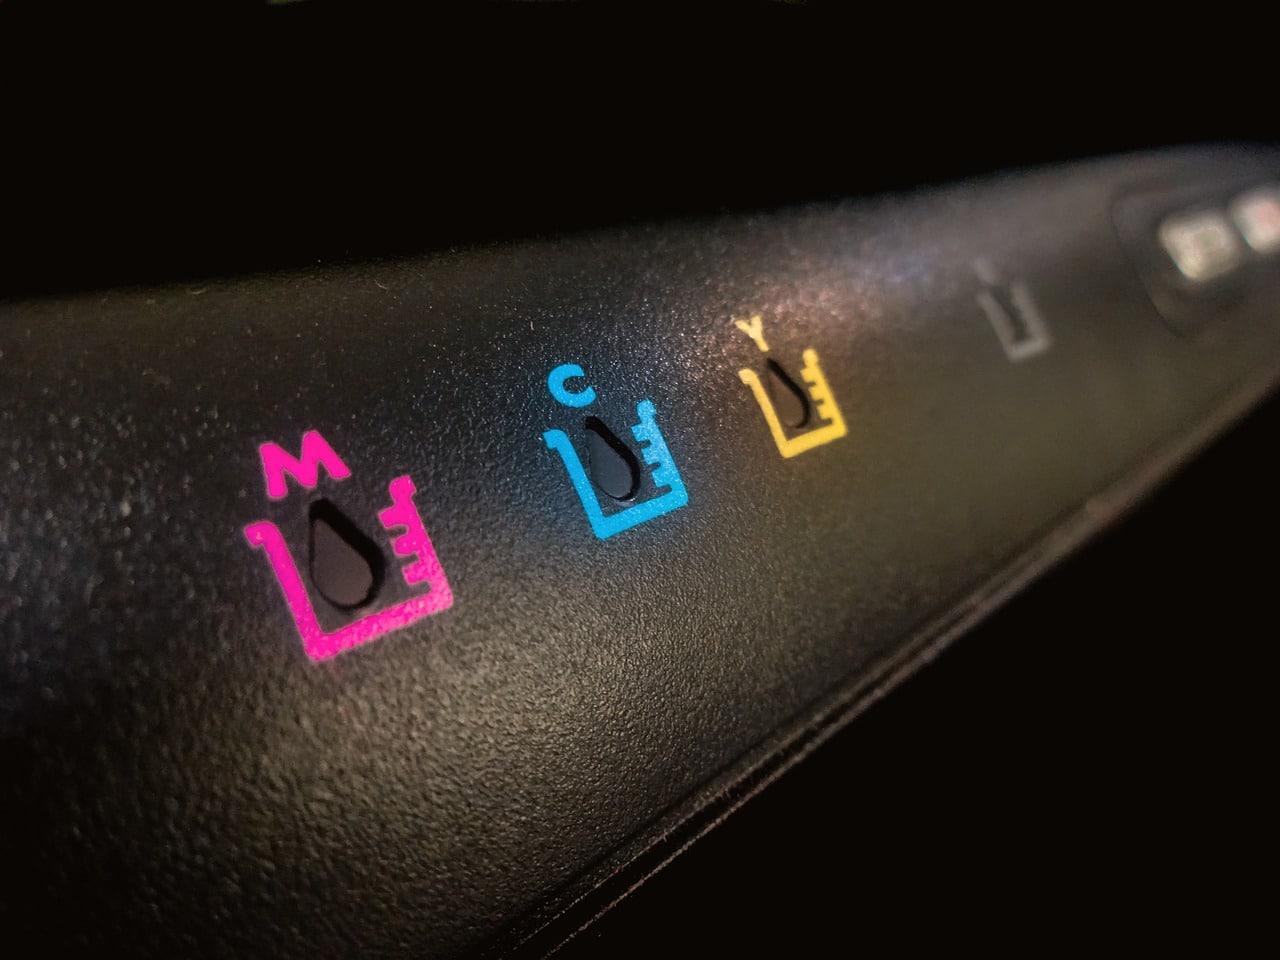 Printer Cartridges - Crewe,Cheshire